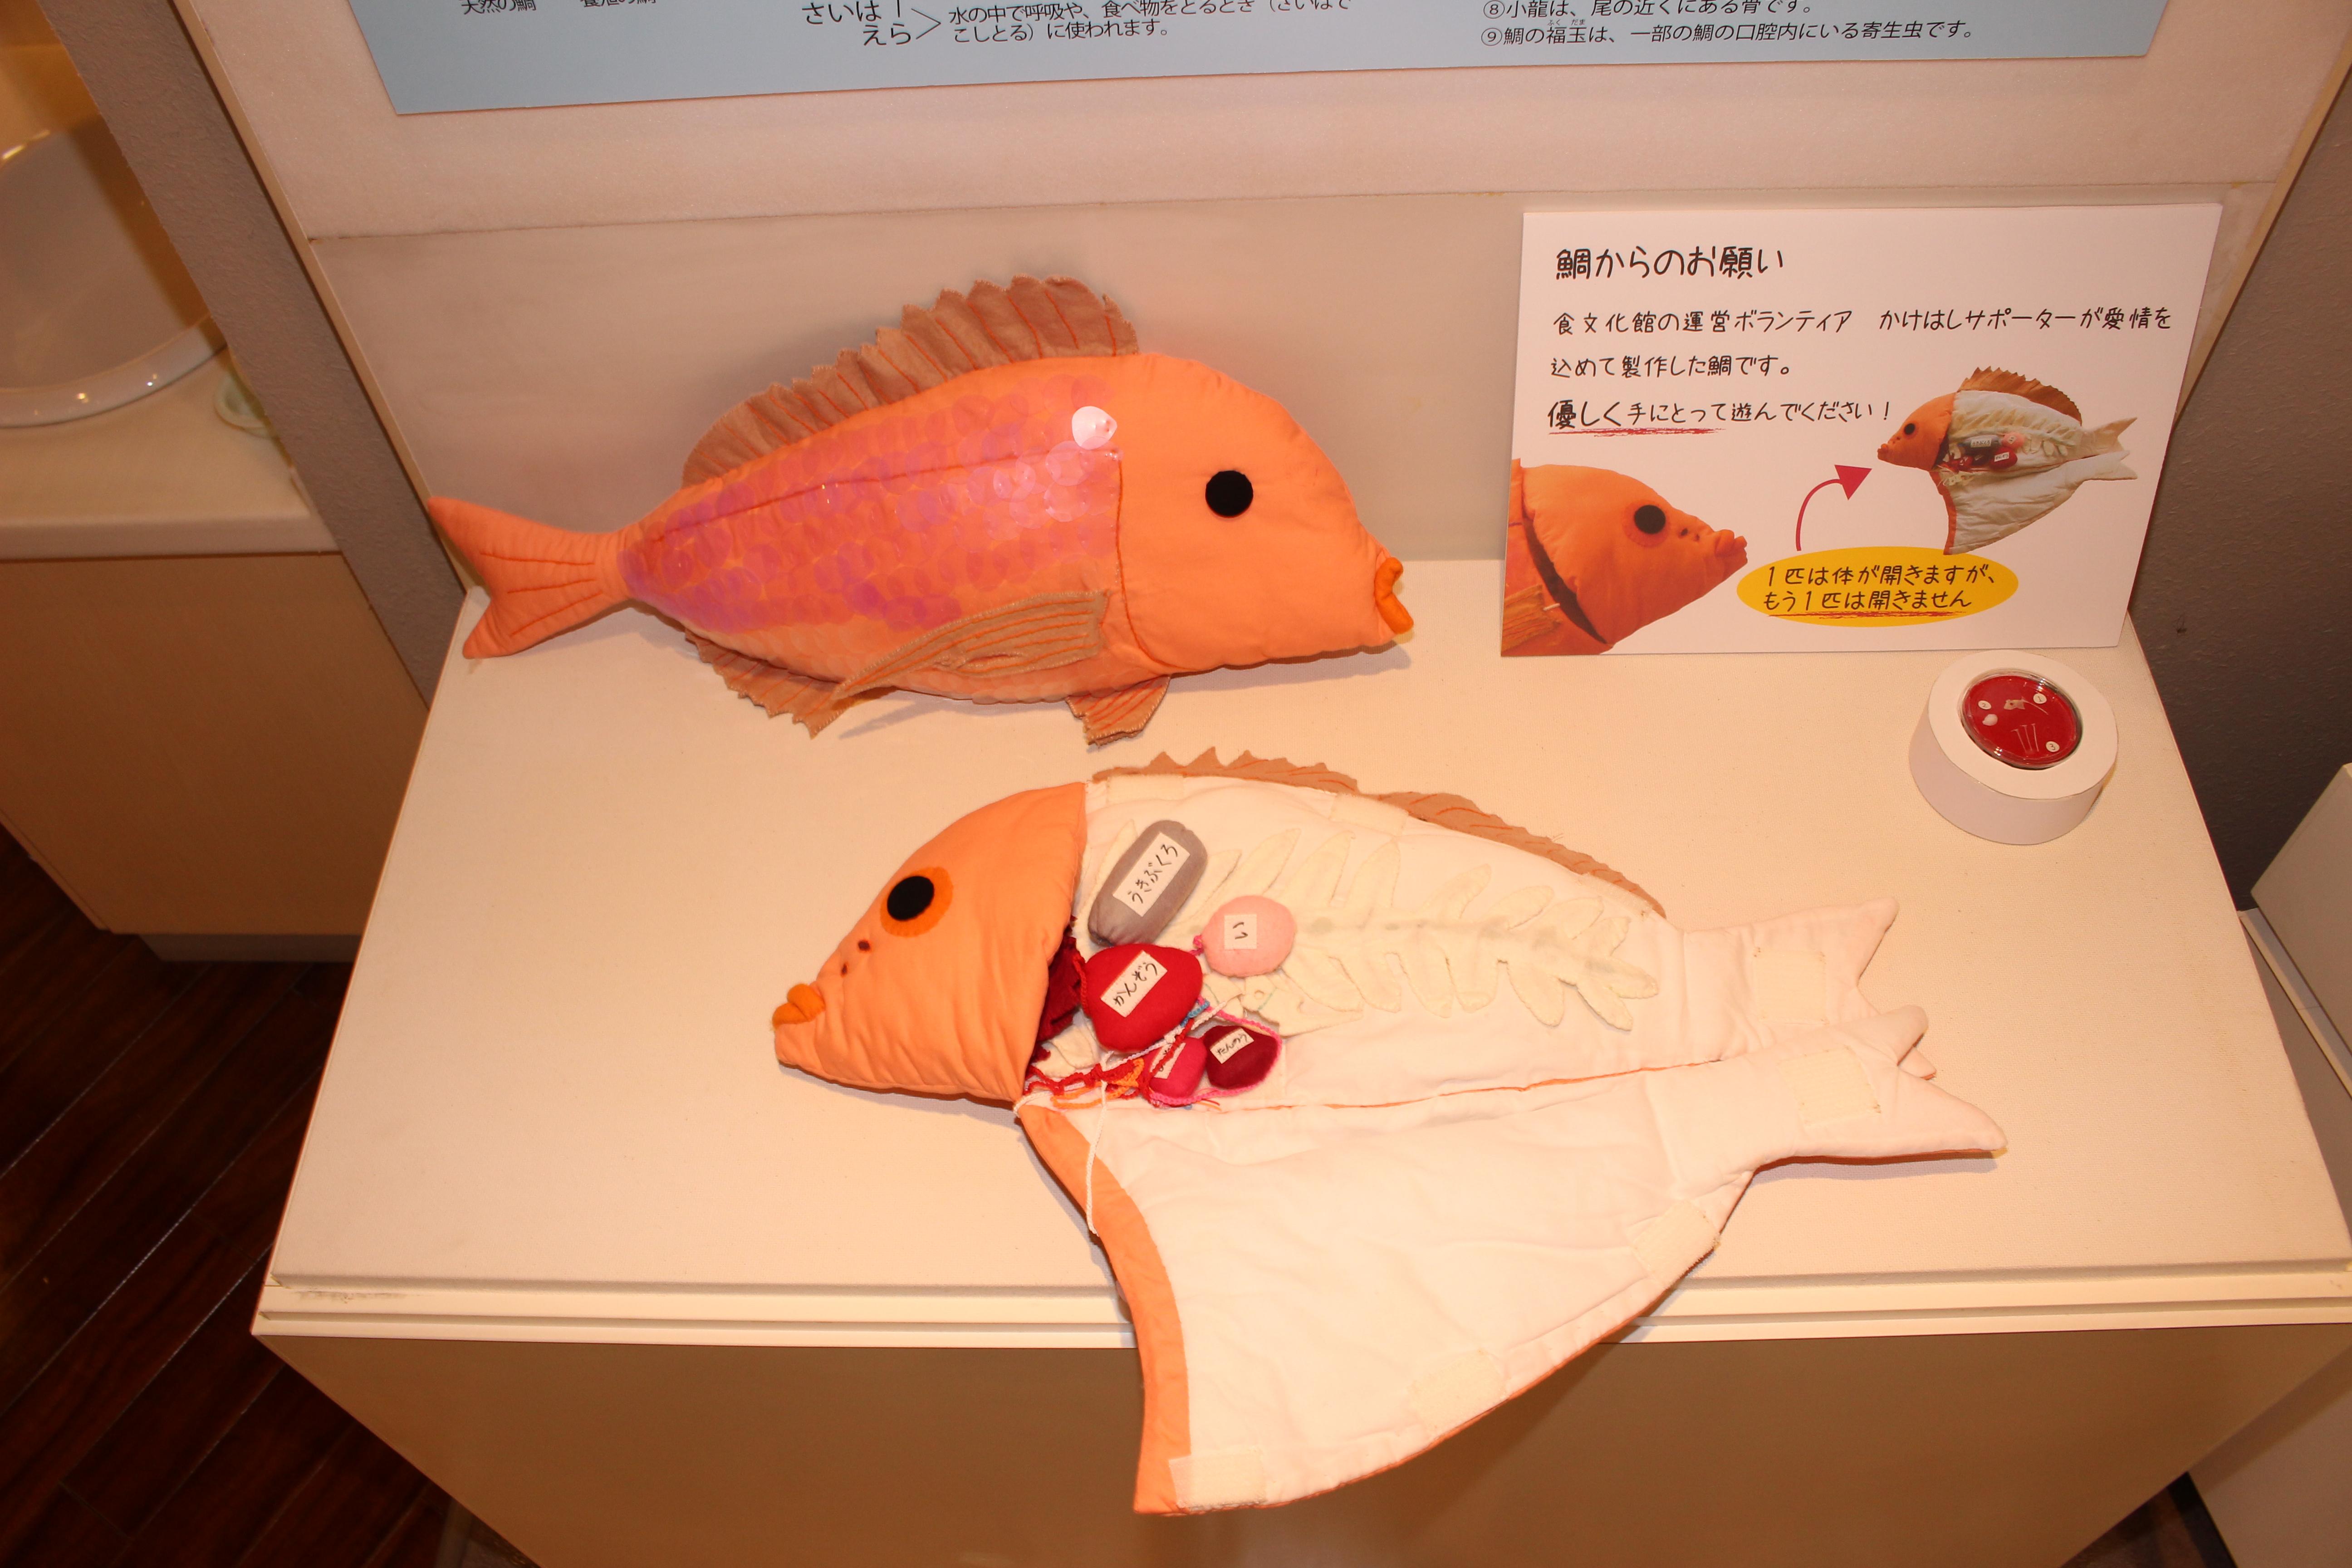 食文化館日記 » 企画展示番外編「鯛の体の不思議」を開催中です! b4dbf01f130f0